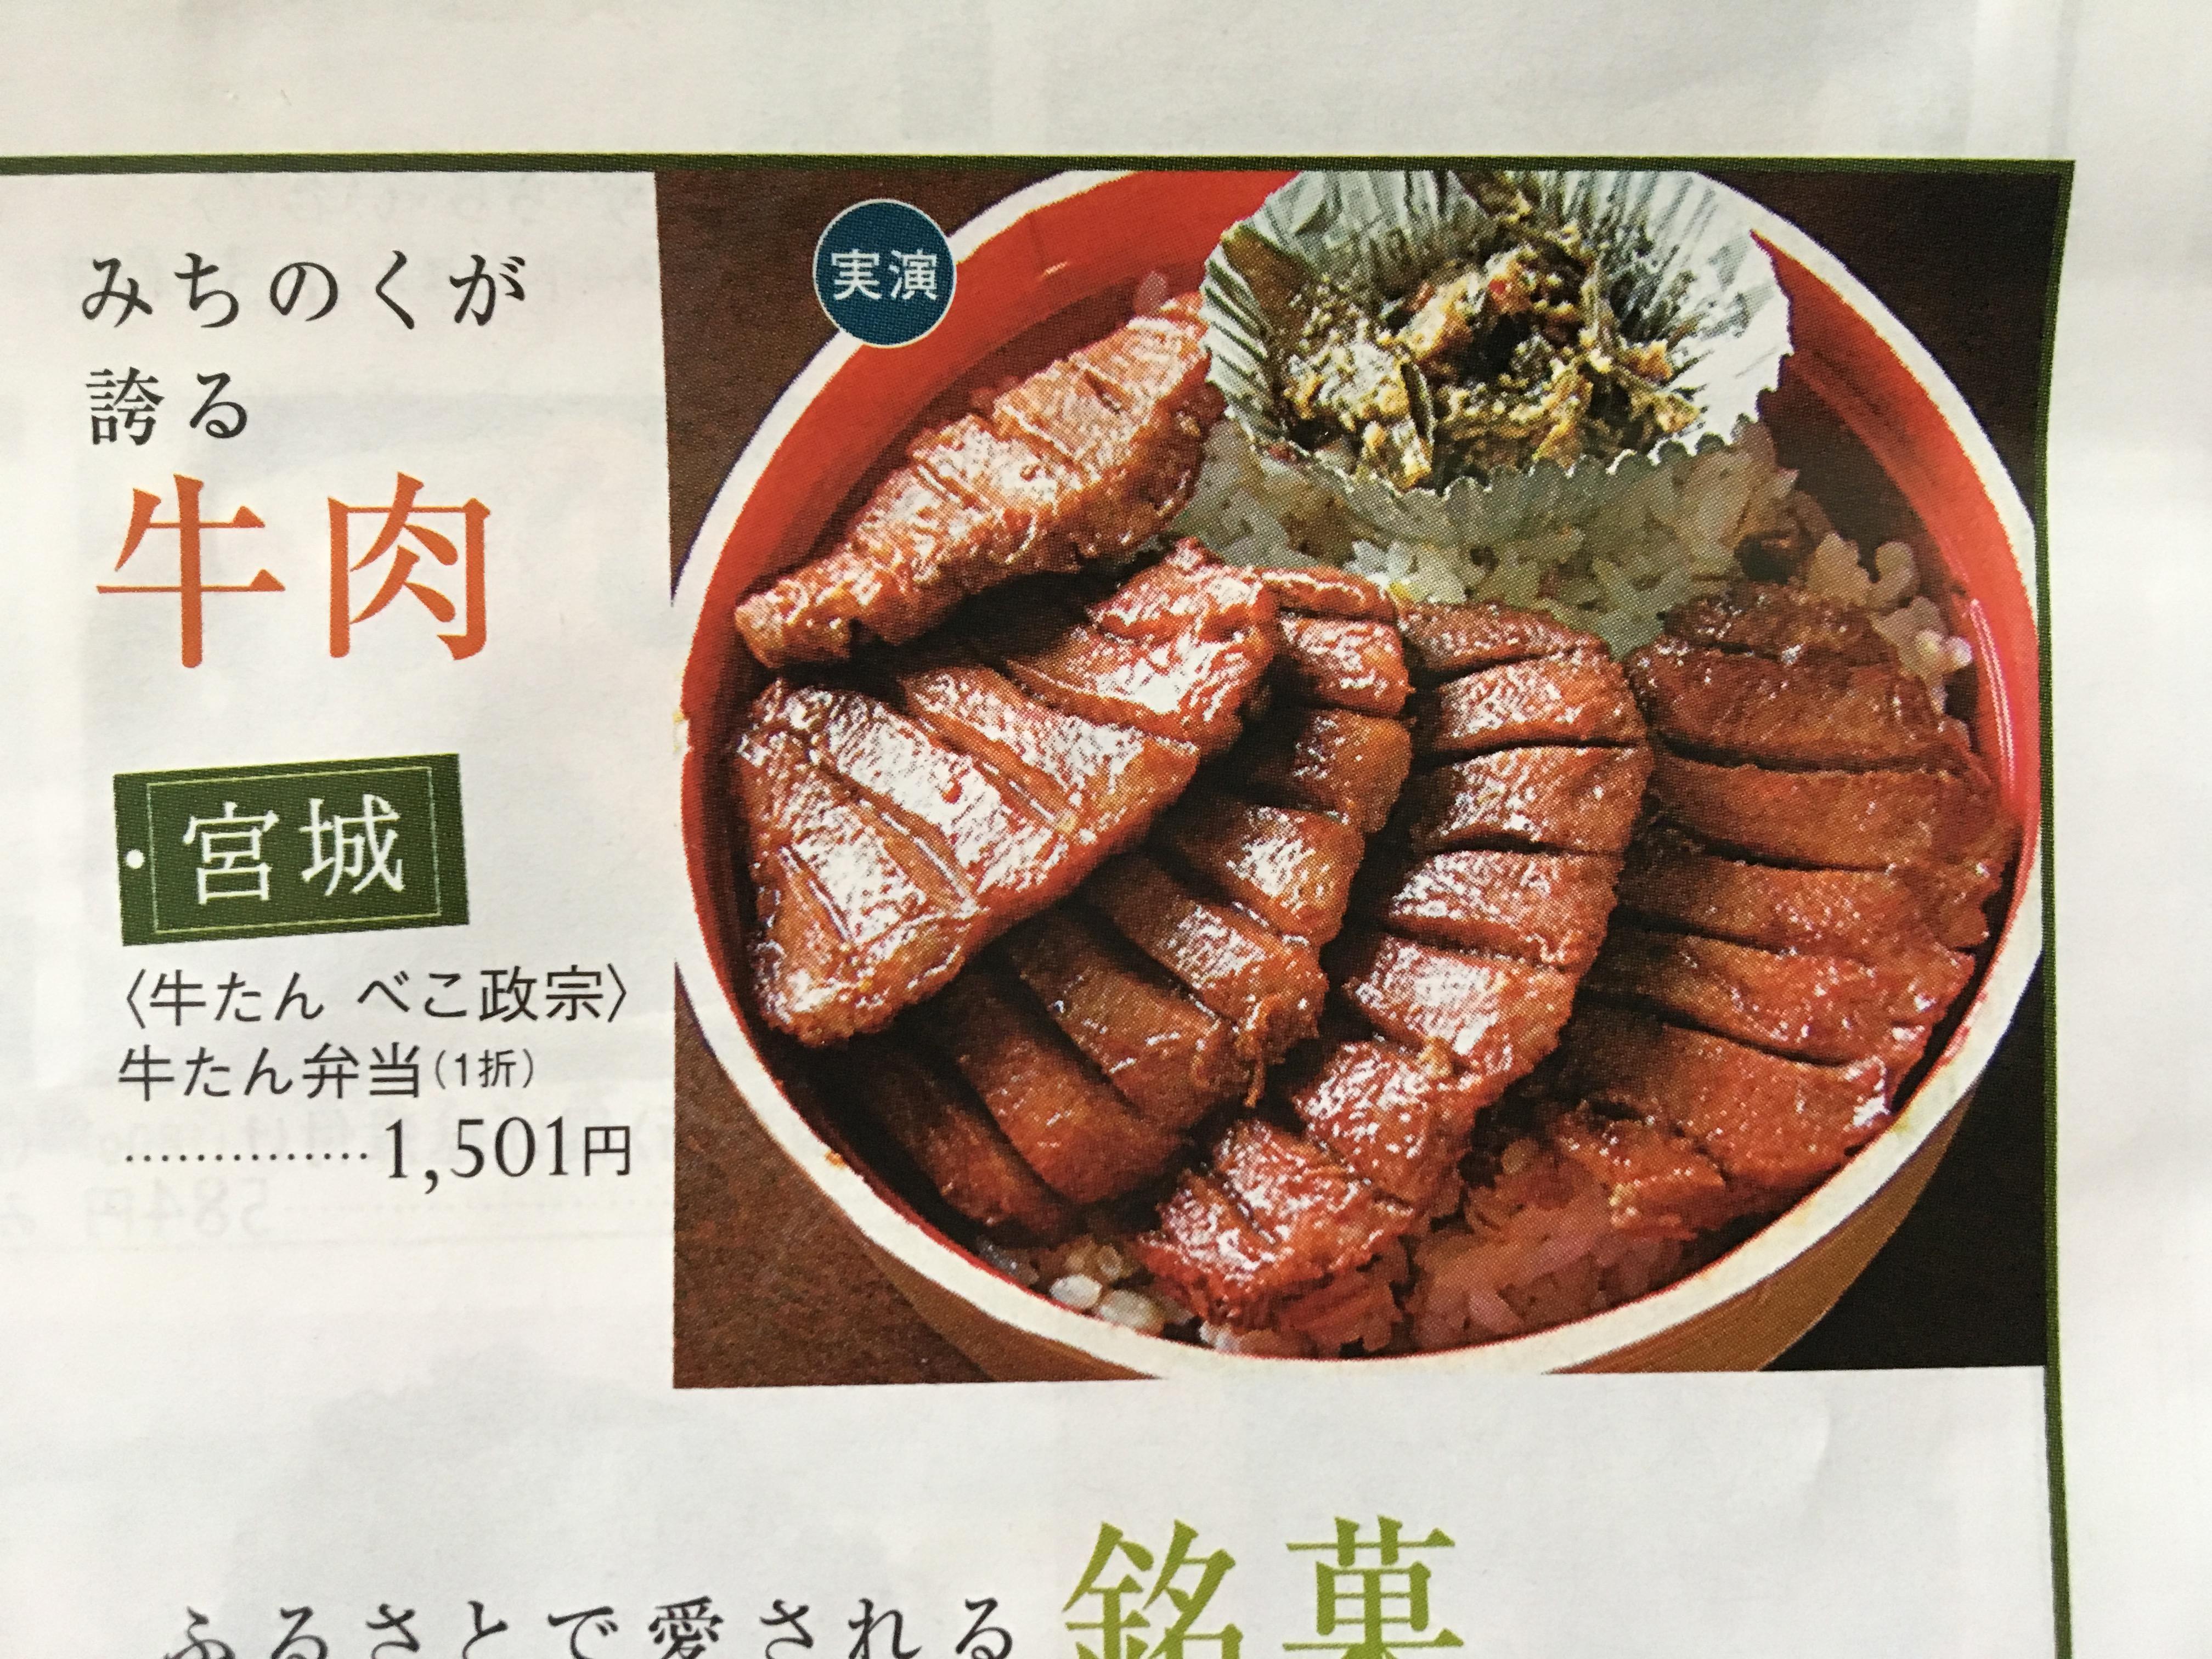 第4回 東北六県 味めぐりで販売する【牛たん べこ政宗】牛たん弁当